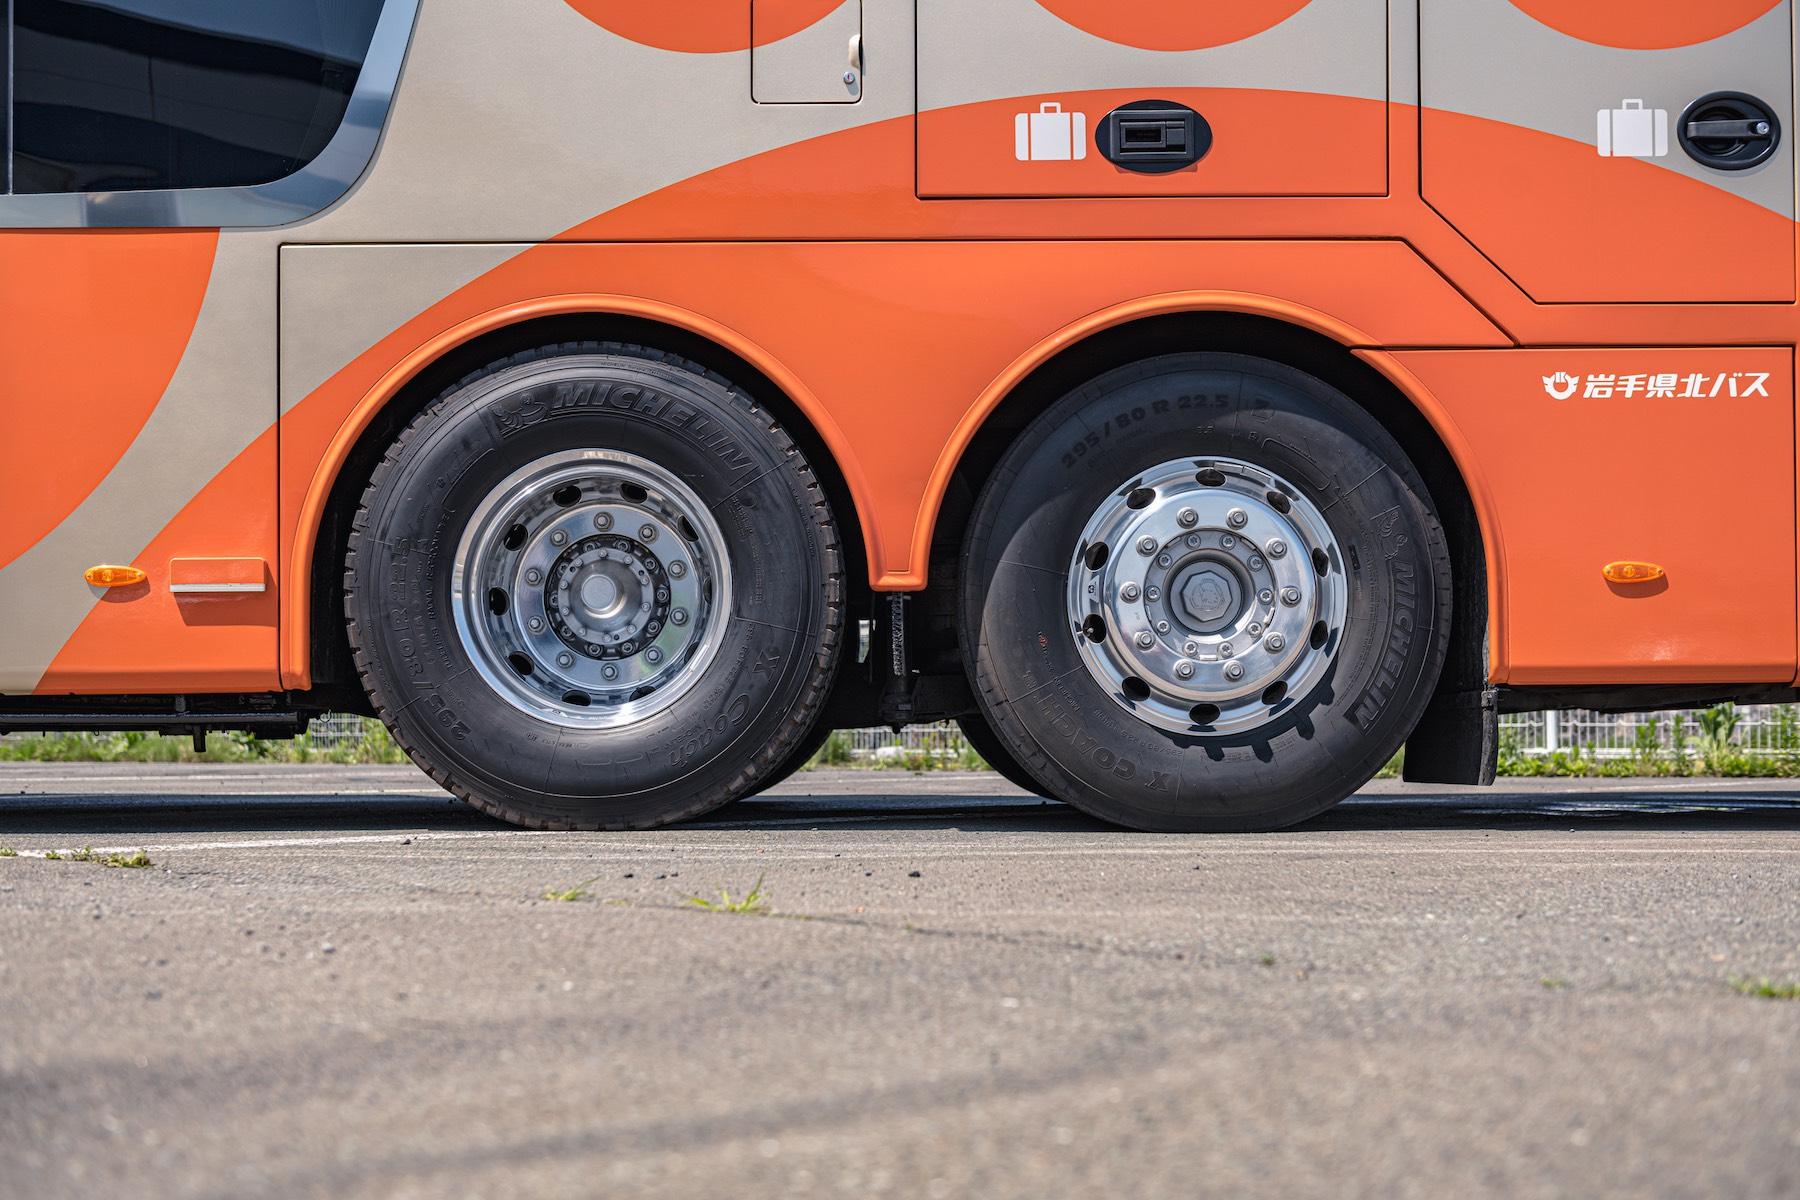 東北初のスカニア製二階建てバスは、復興への夢も乗せて走り出す 〜岩手県北自動車株式会社様〜